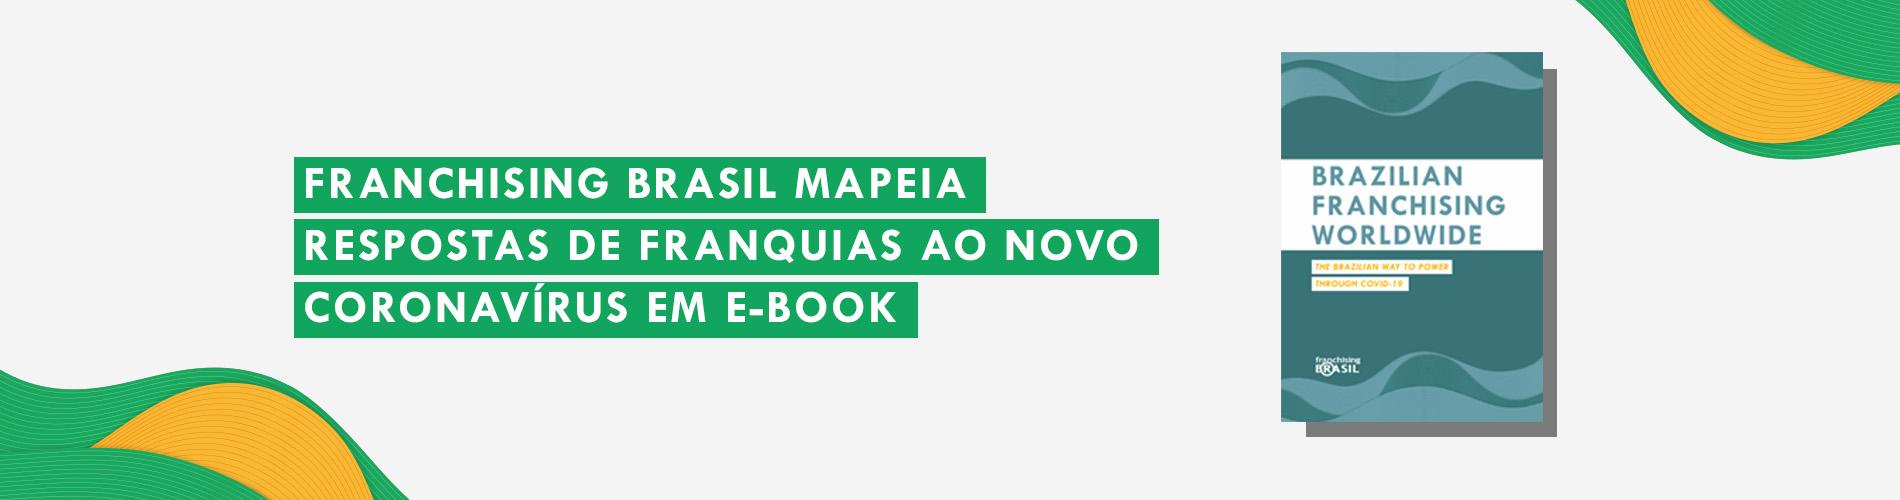 Franchising Brasil mapeia respostas de franquias ao novo Coronavírus em e-book